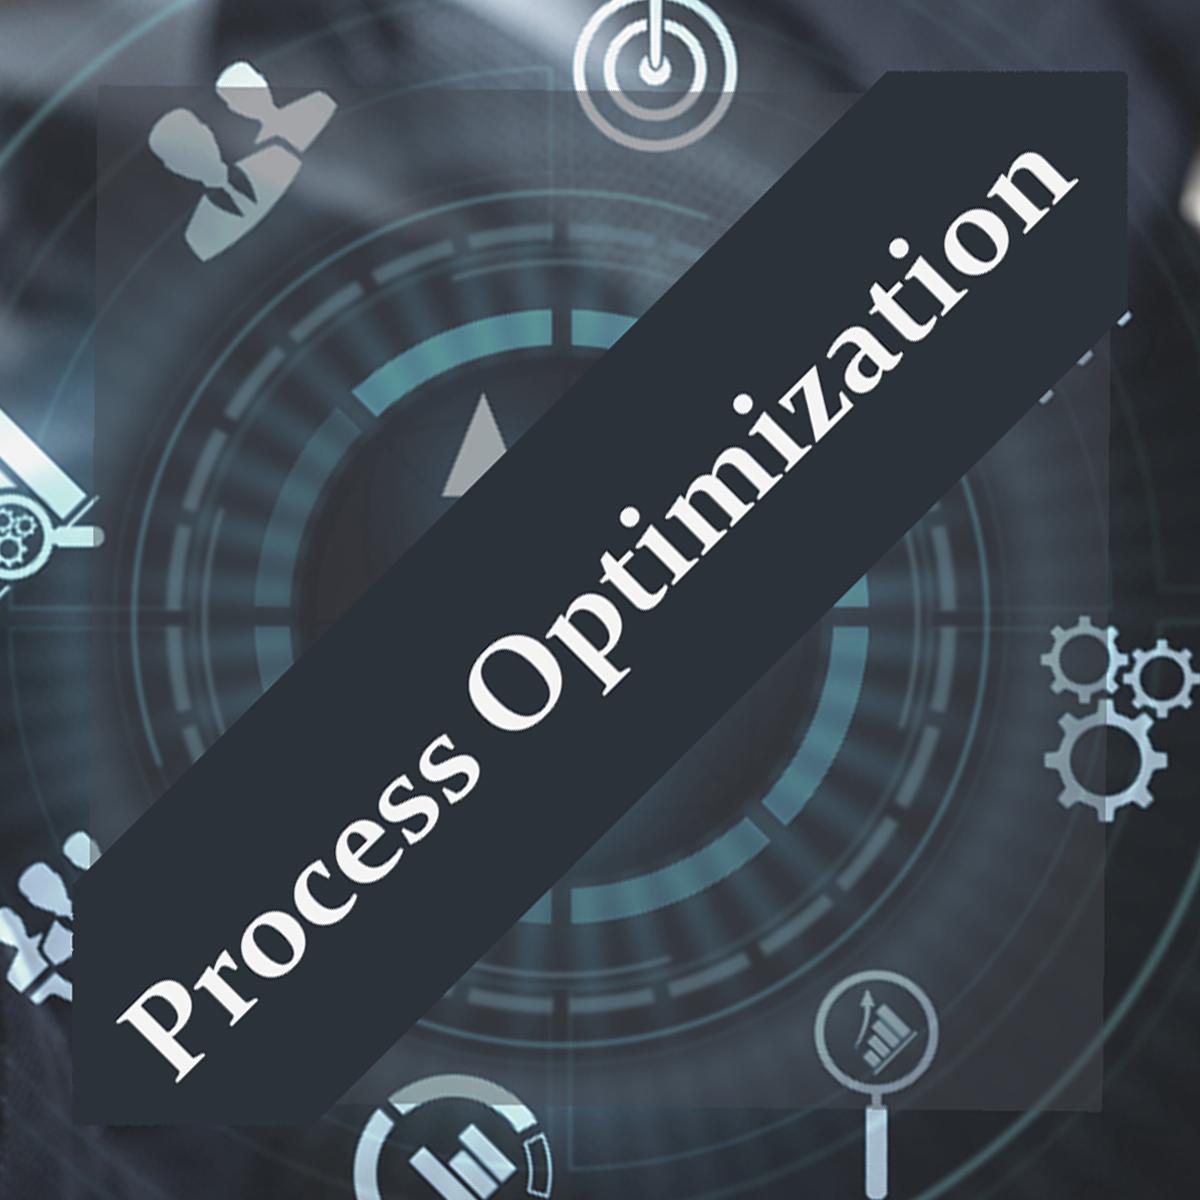 Recruiting & Hiring Process Optimization